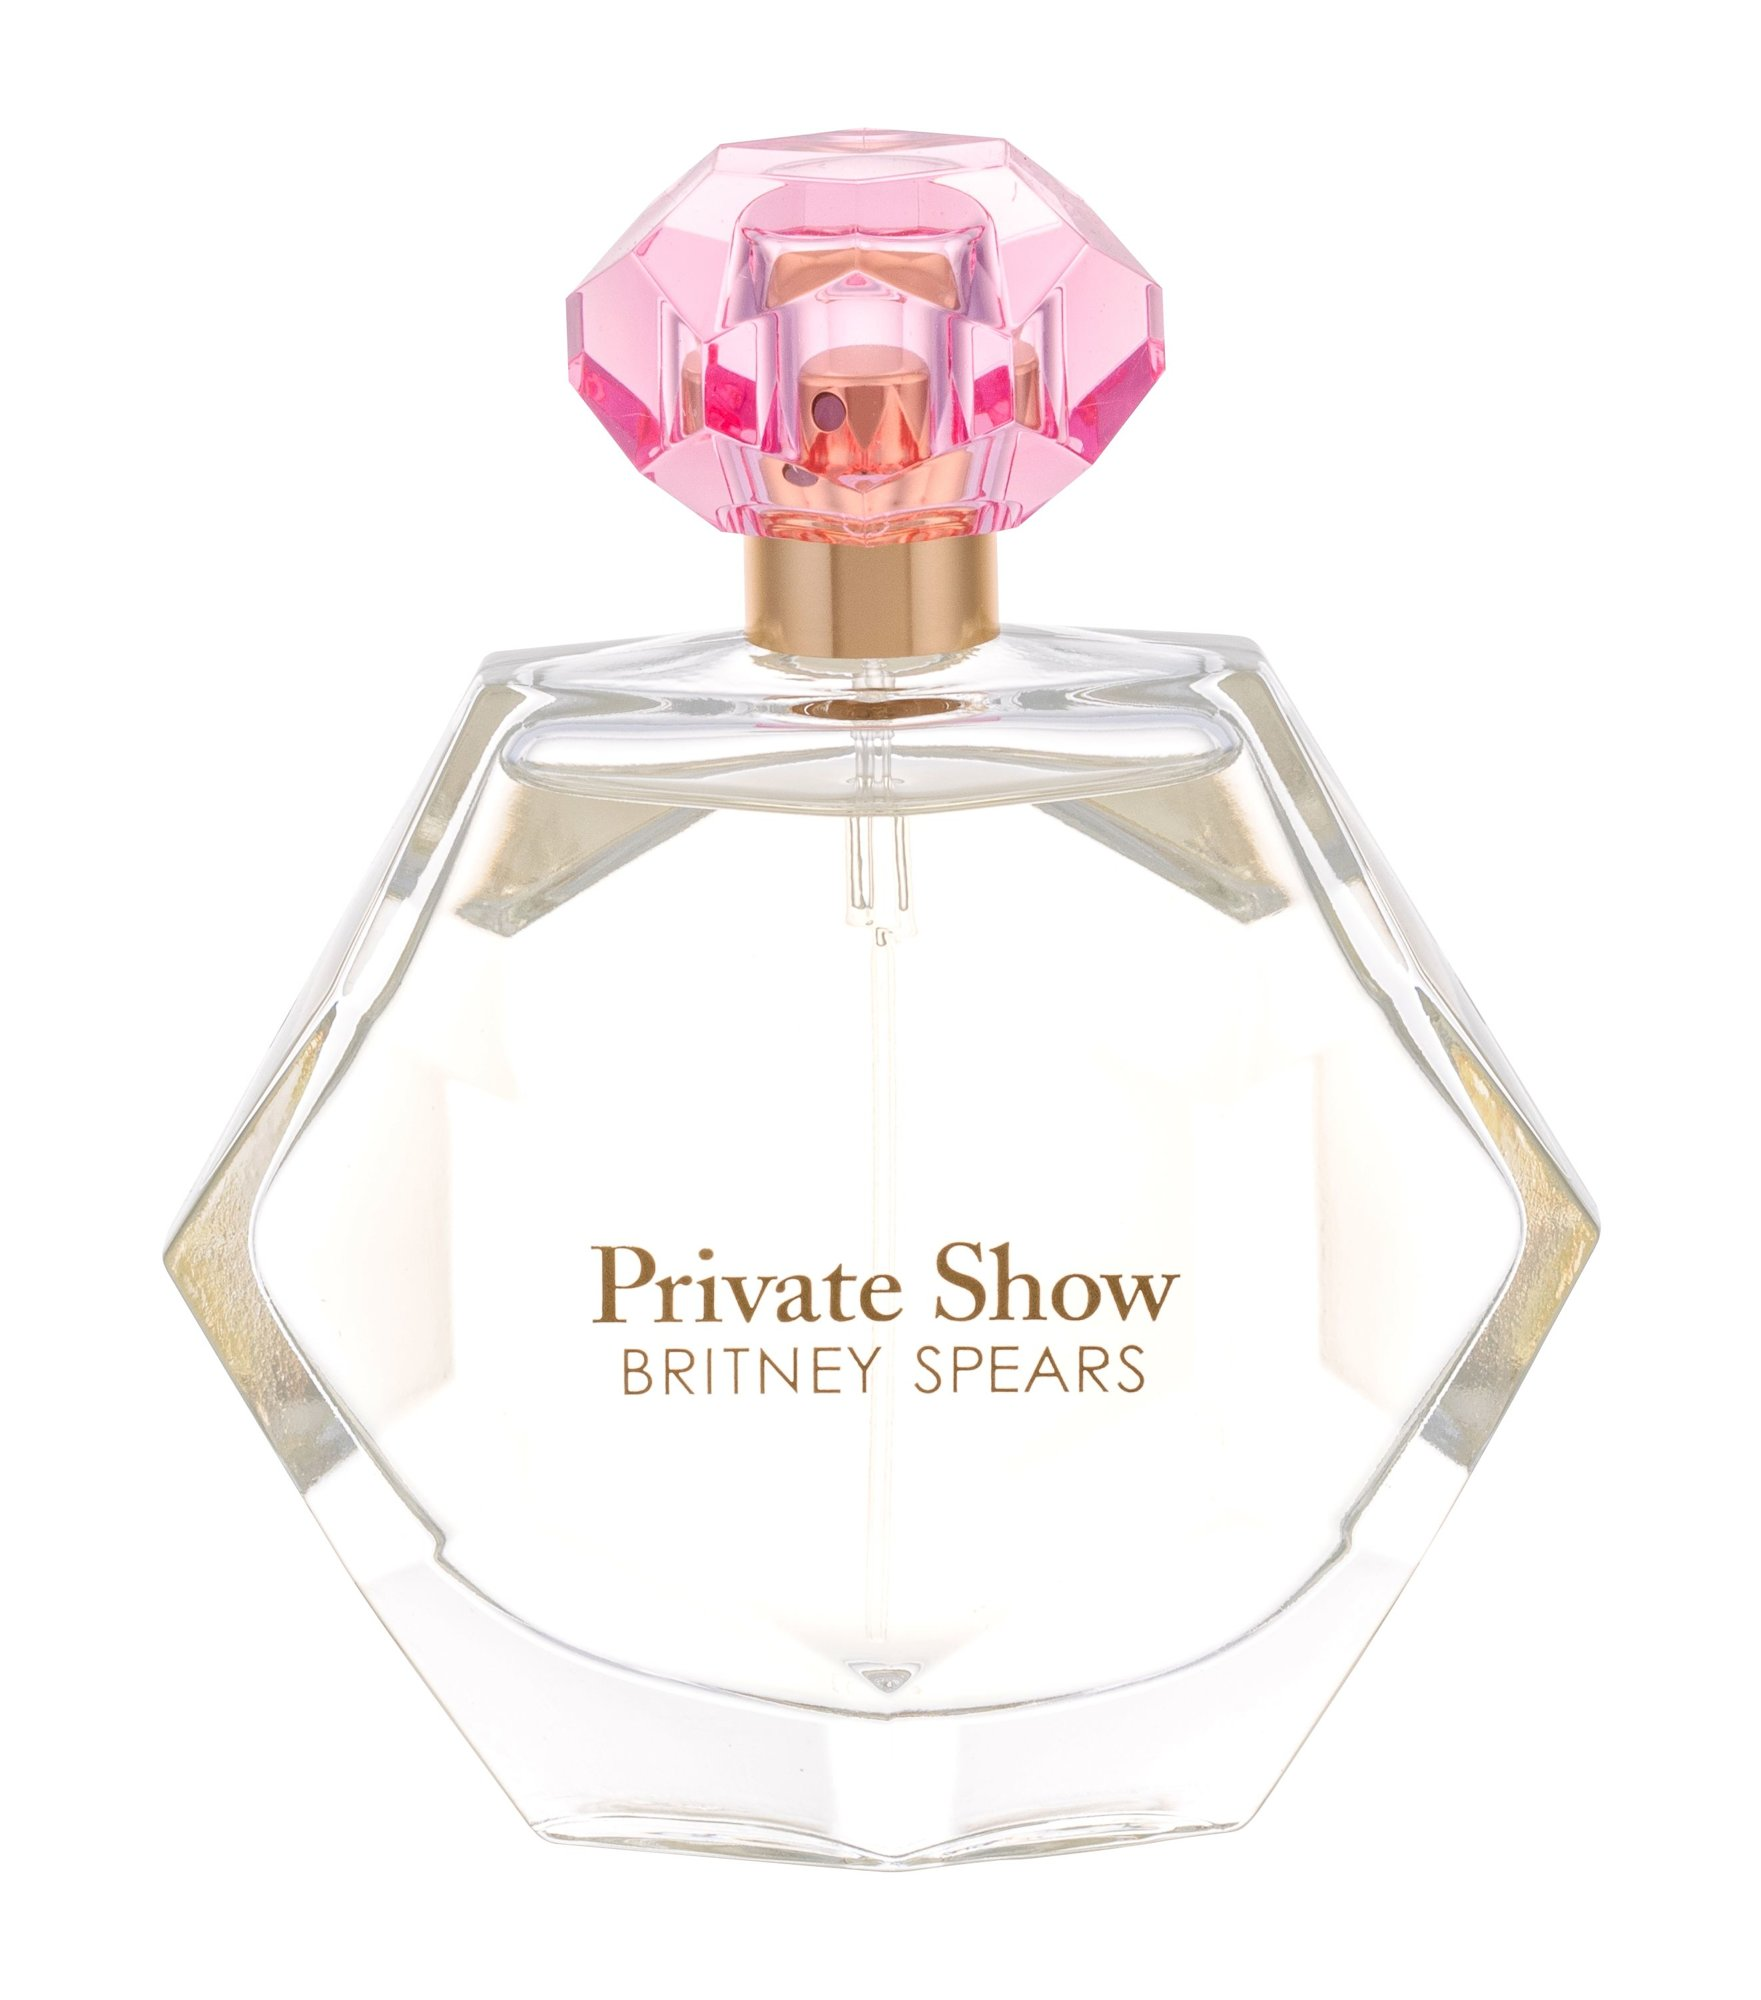 Britney Spears Private Show, Parfumovaná voda 100ml